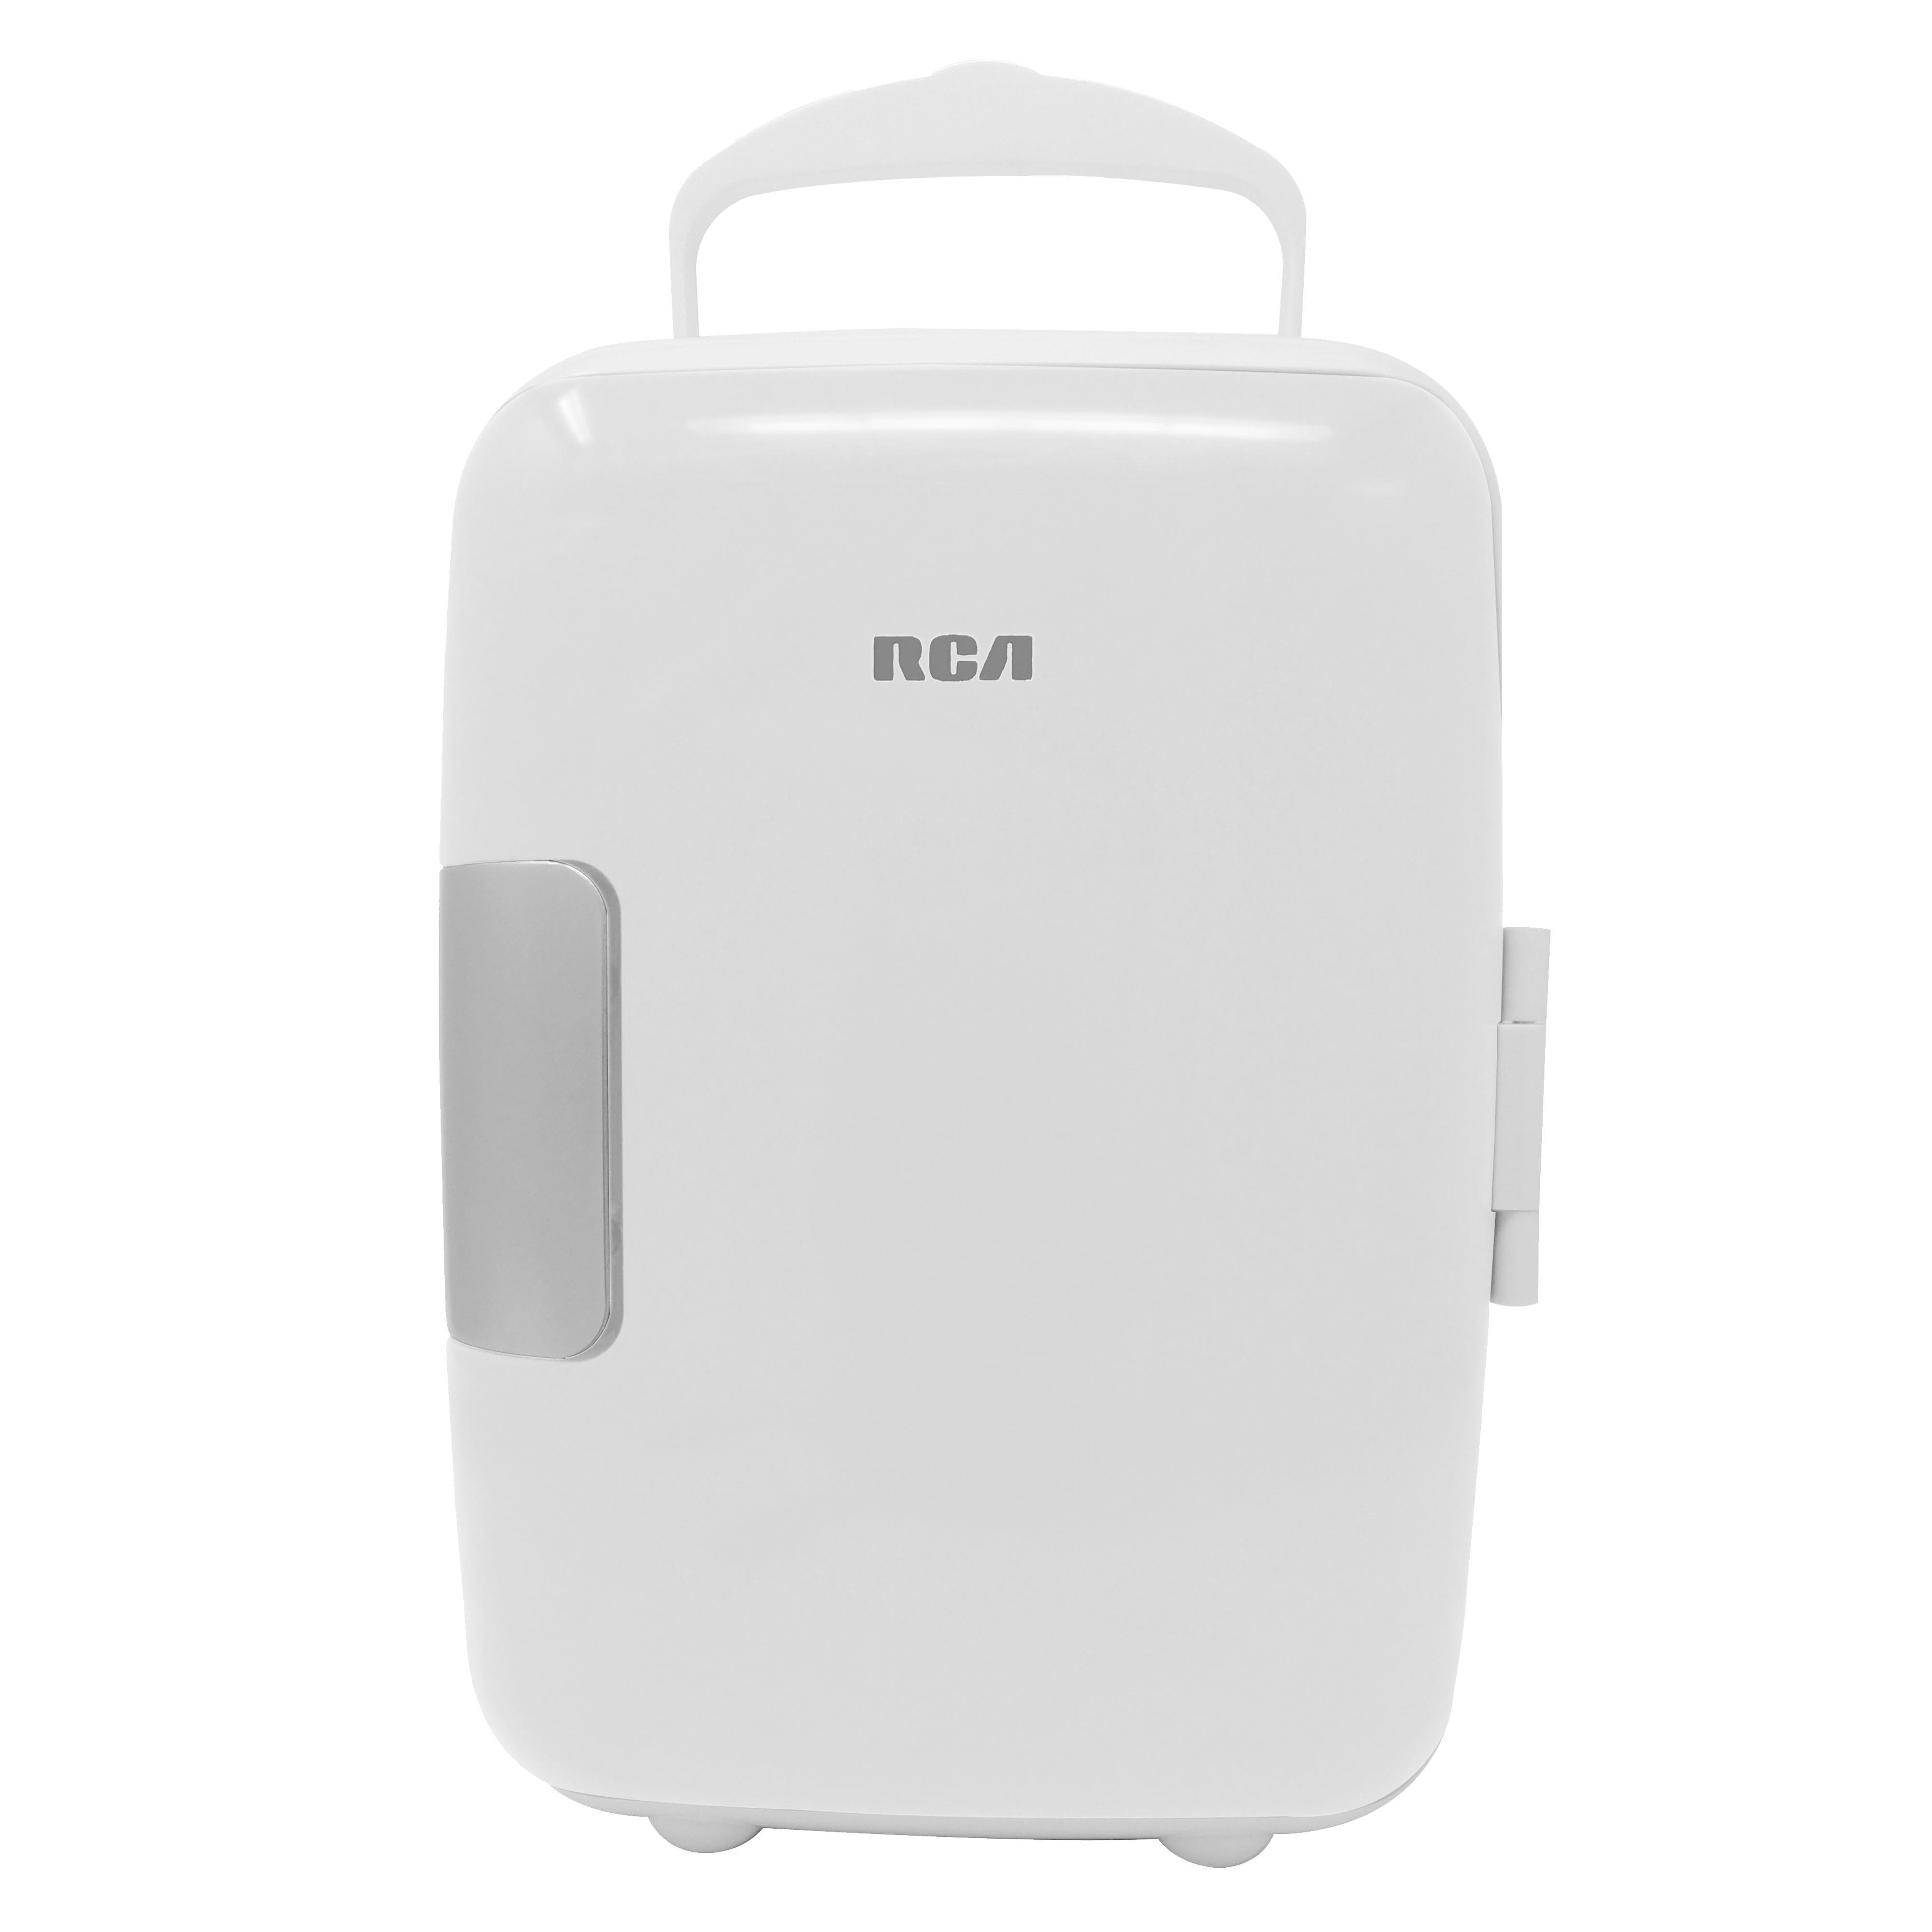 Mini refrigerador RCA en blanco